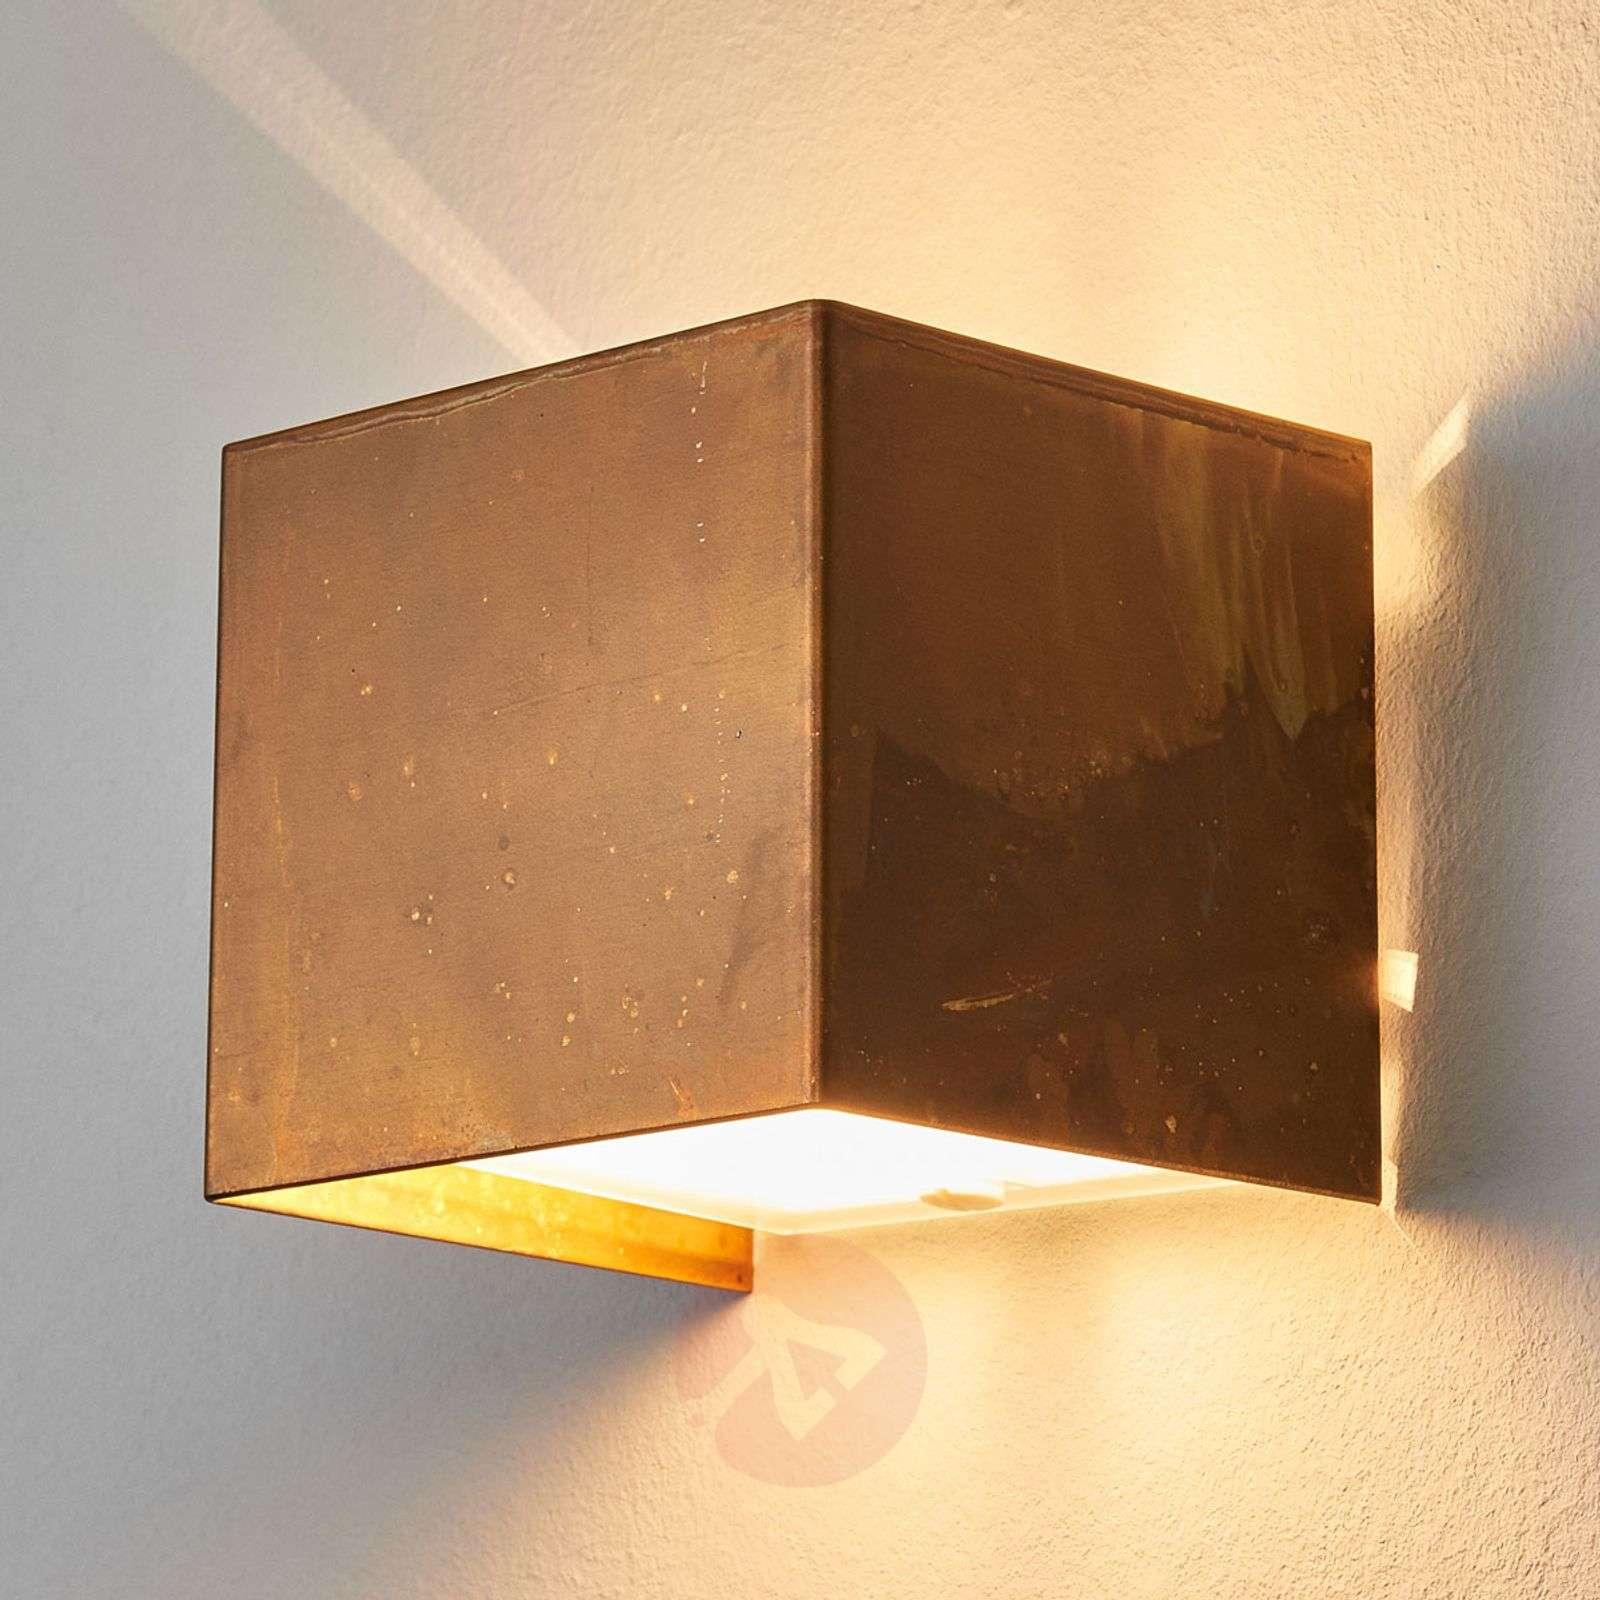 LOLA-seinävalaisin, oksidoitu messinki-4011107-01